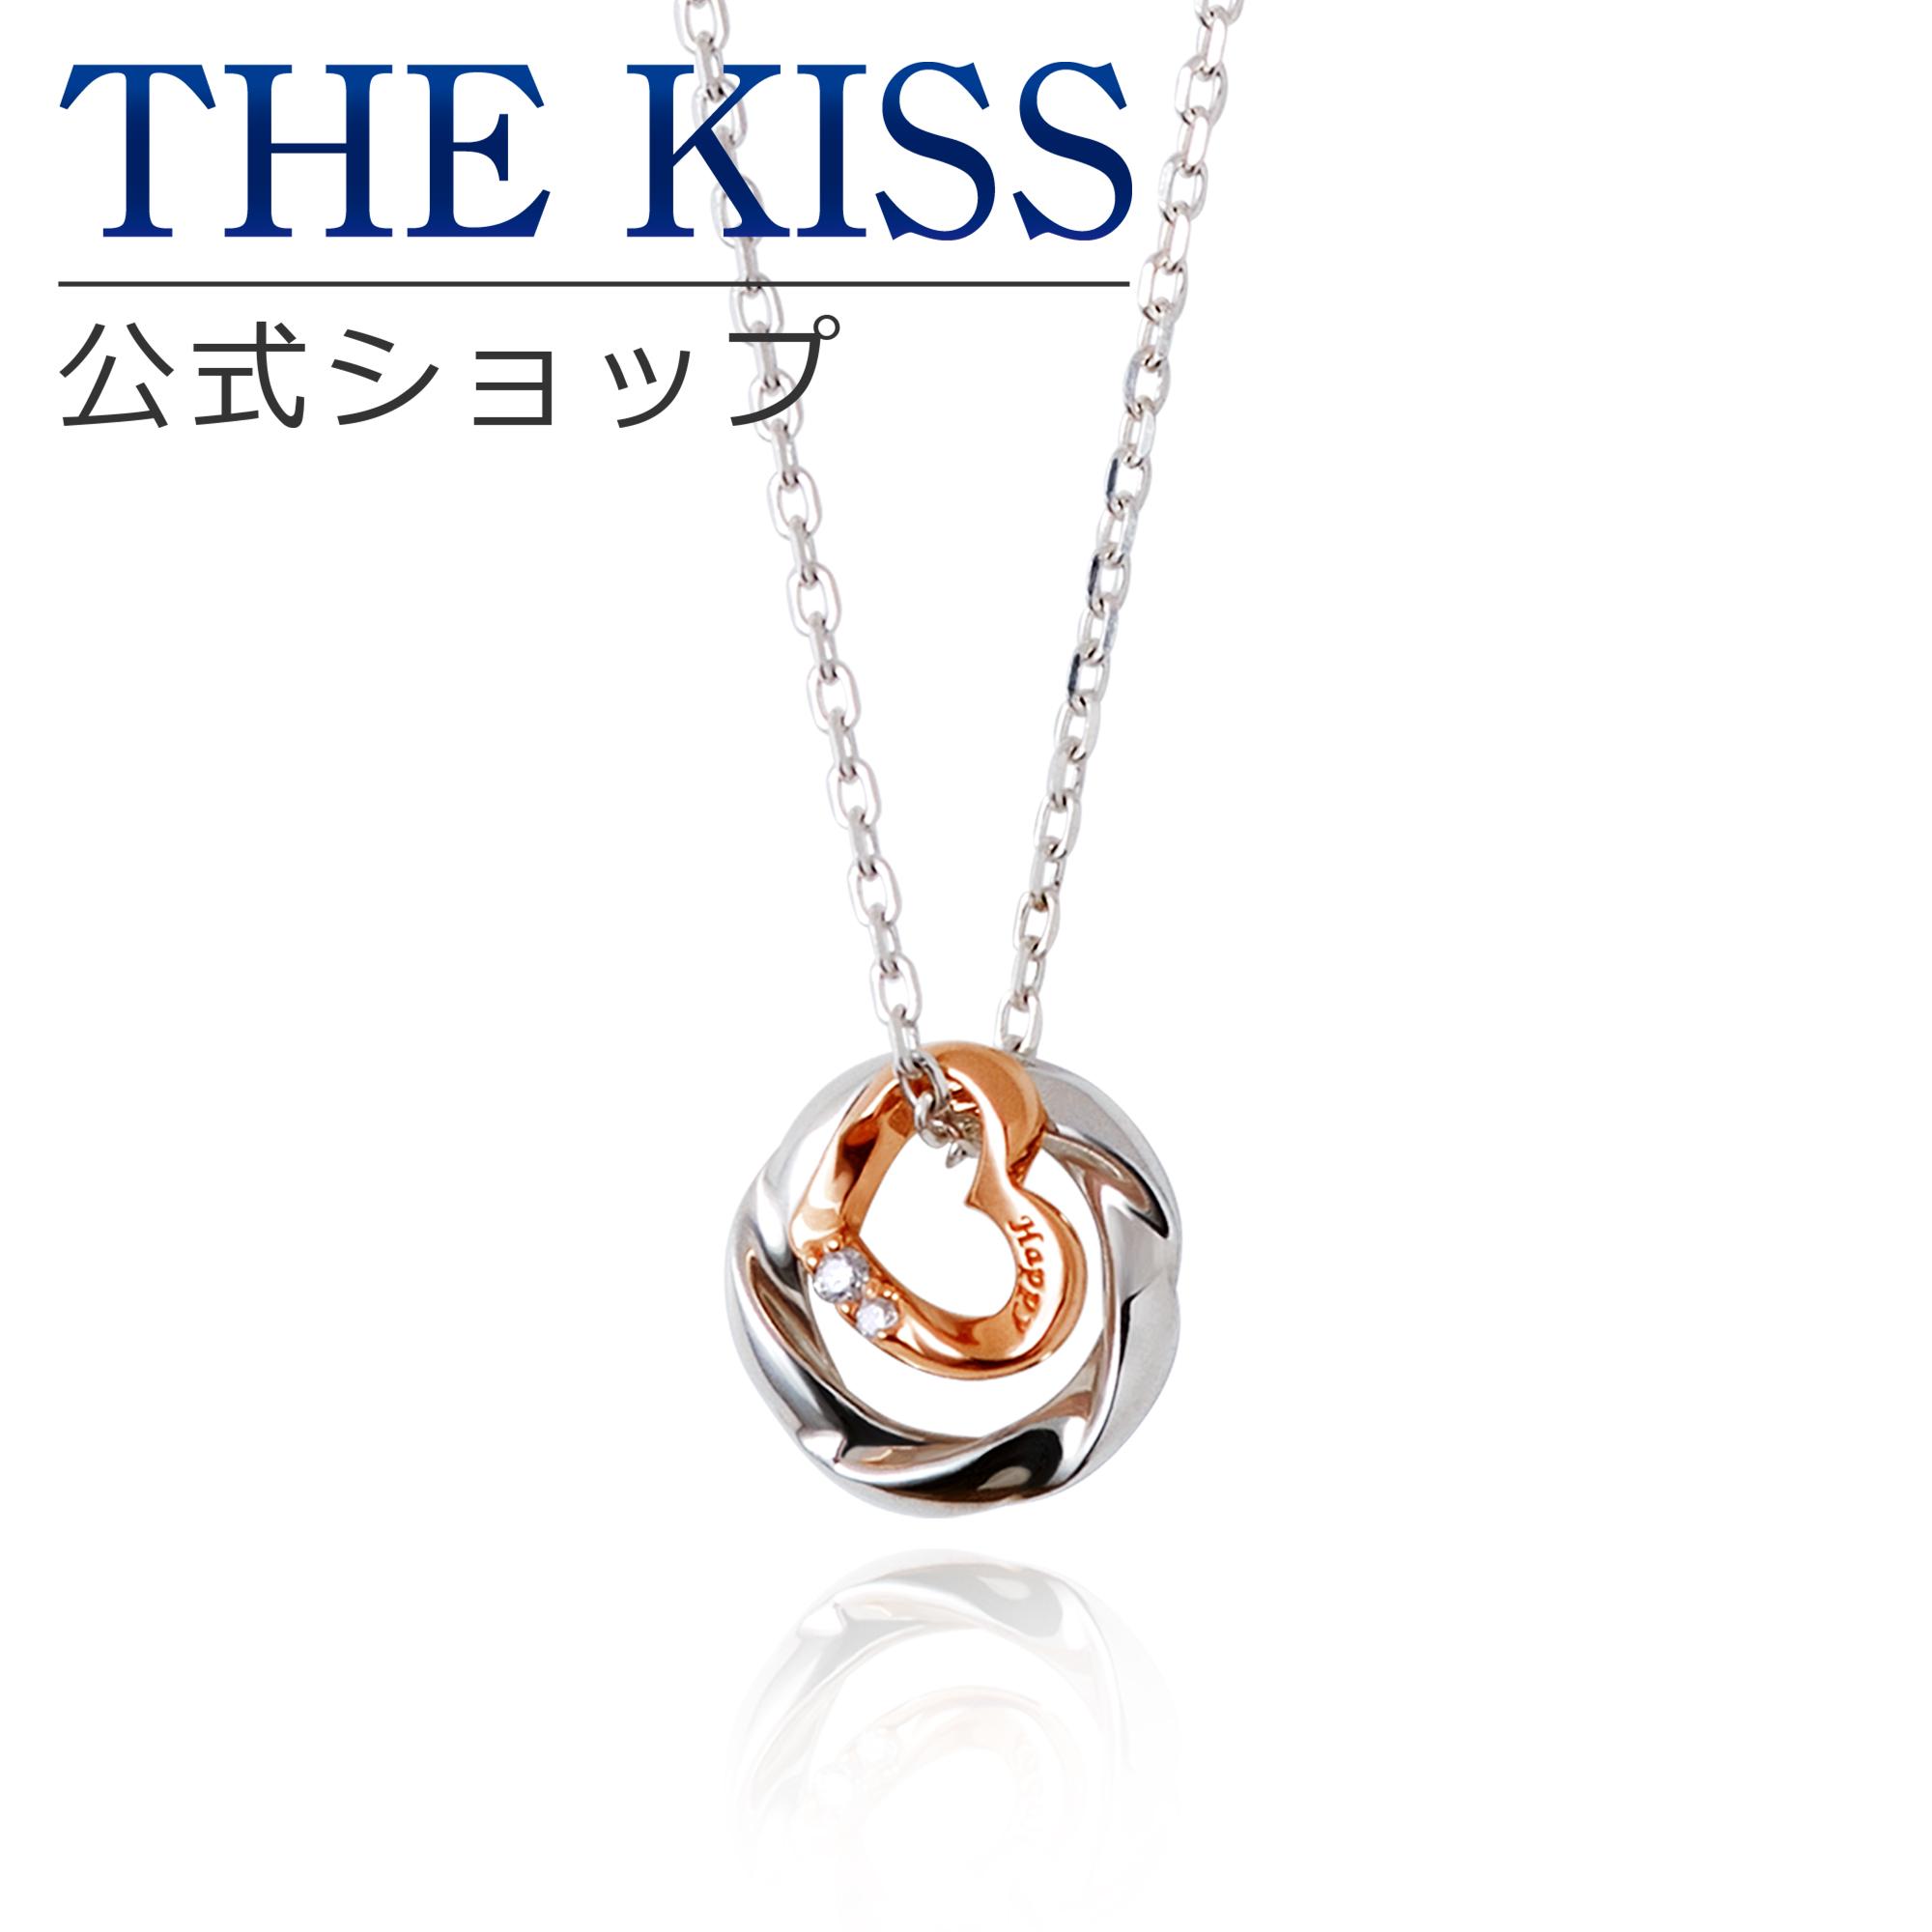 【あす楽対応】THE KISS 公式サイト シルバー ペアネックレス (レディース 単品) ペアアクセサリー カップル に 人気 の ジュエリーブランド THEKISS ペア ネックレス・ペンダント 記念日 プレゼント SPD772DM ザキス 【送料無料】